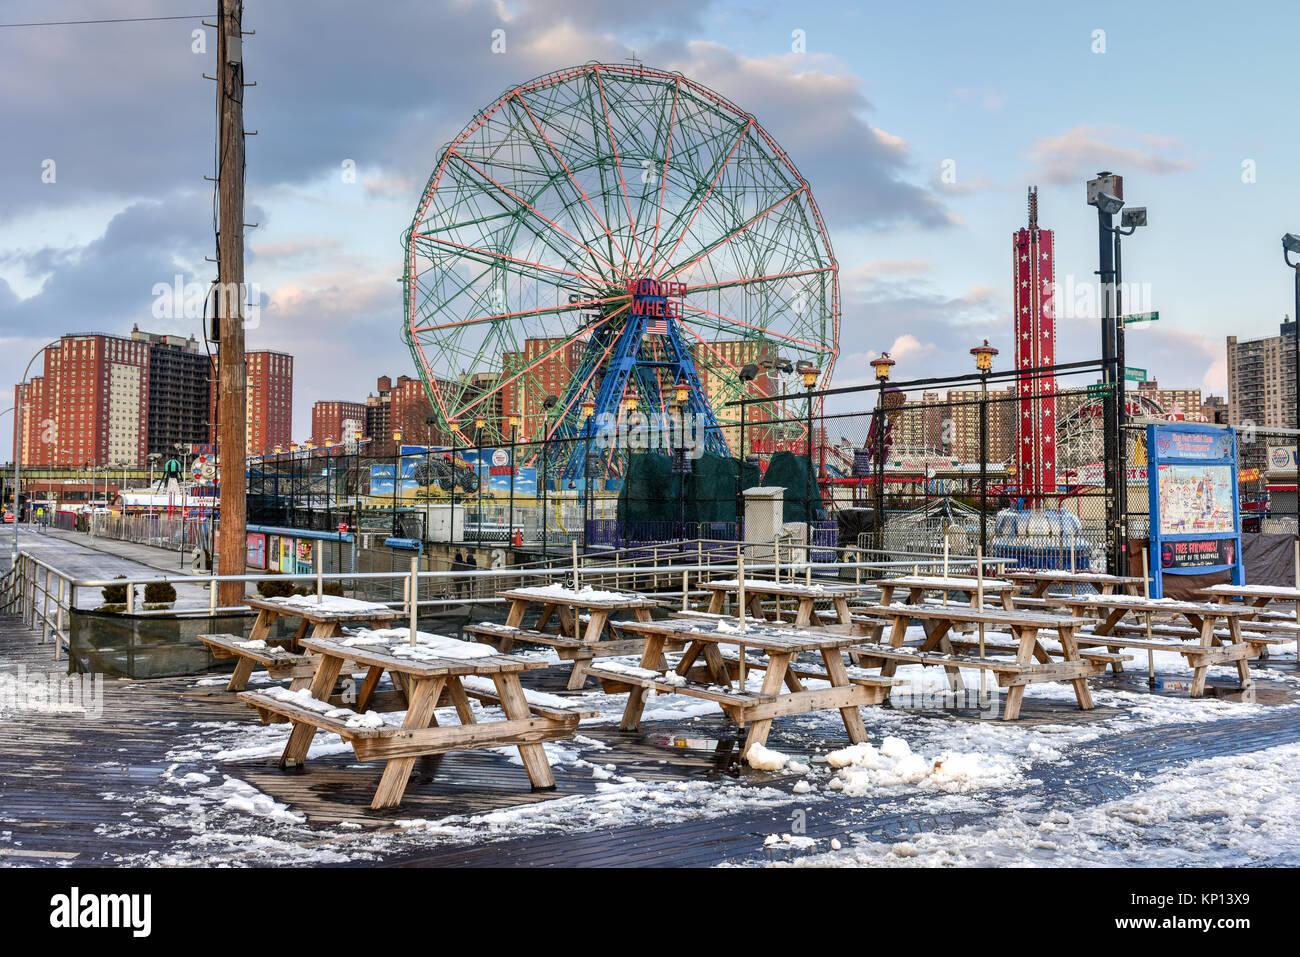 New York City - 10 décembre 2017: Wonder Wheel à Luna Park. Son parc d'attraction de Coney Island a ouvert le 29 mai 2010 à l'ancien site de l'Astro Banque D'Images